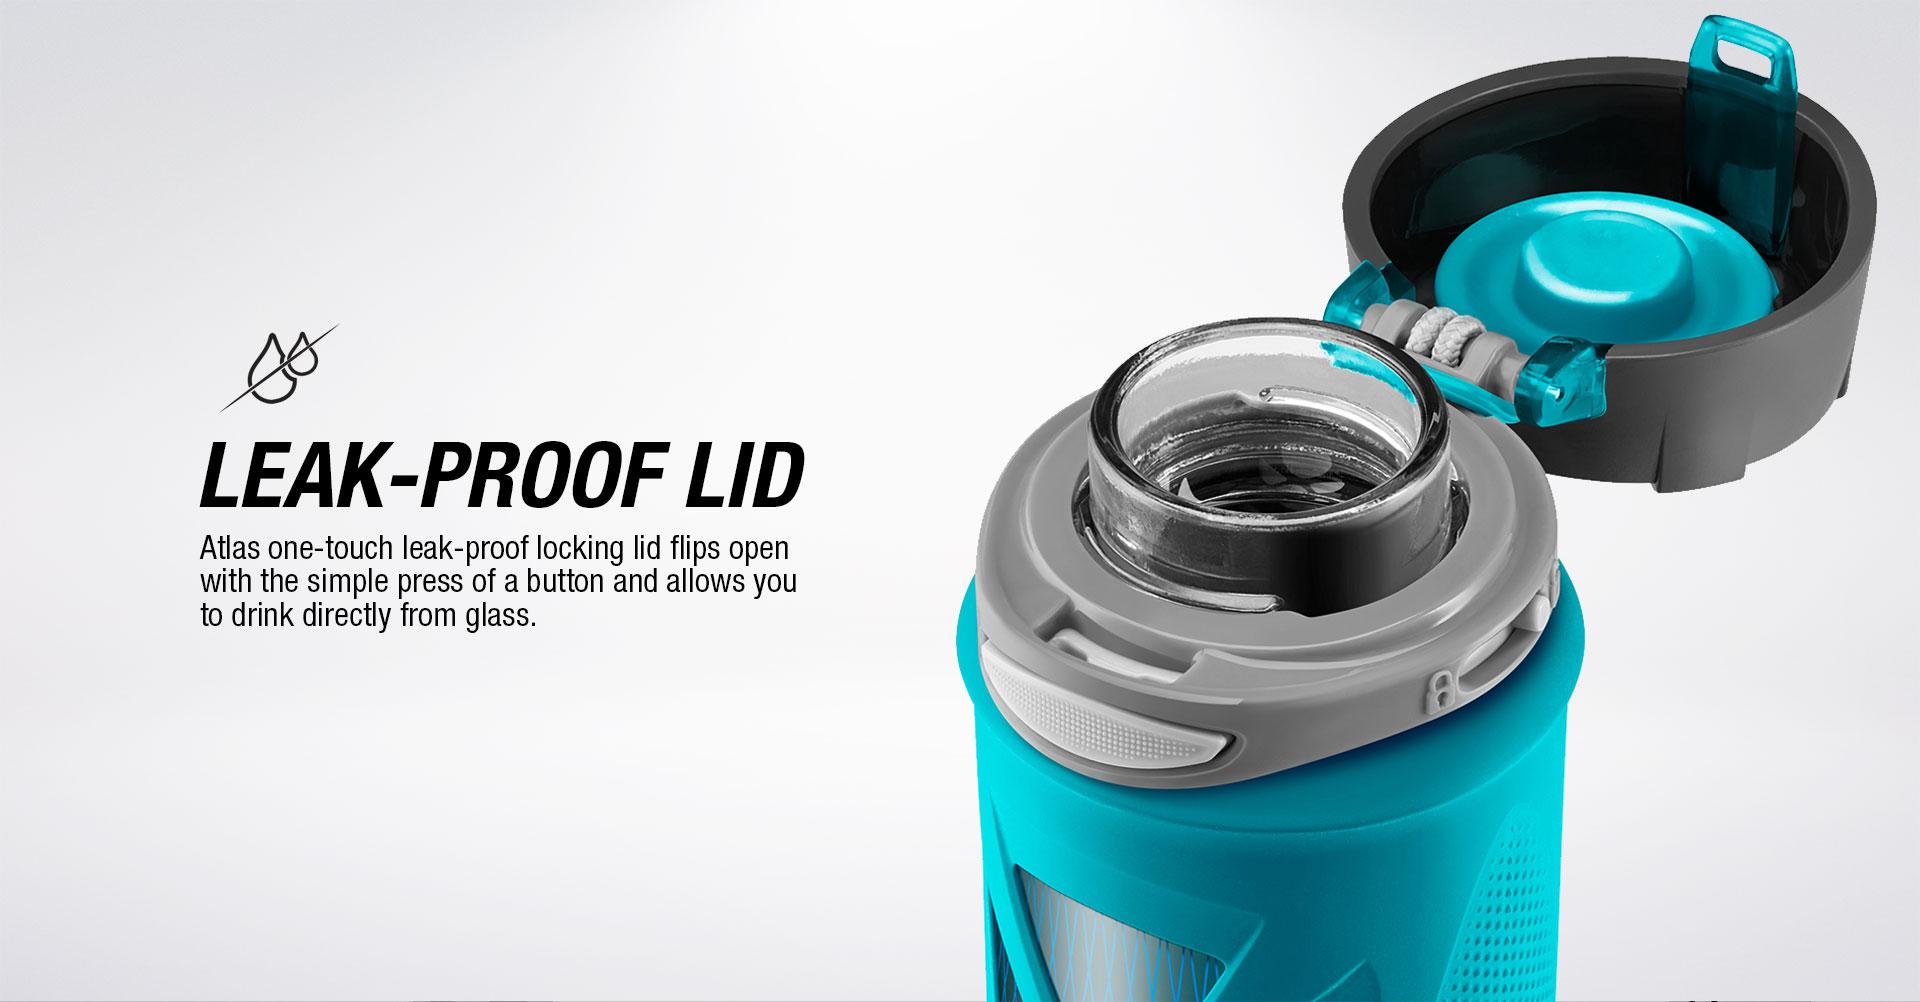 2019.02.04_Zulu_Atlas-Glass-Bottle_Banner02_Leak-proof_Button-Lid.jpg